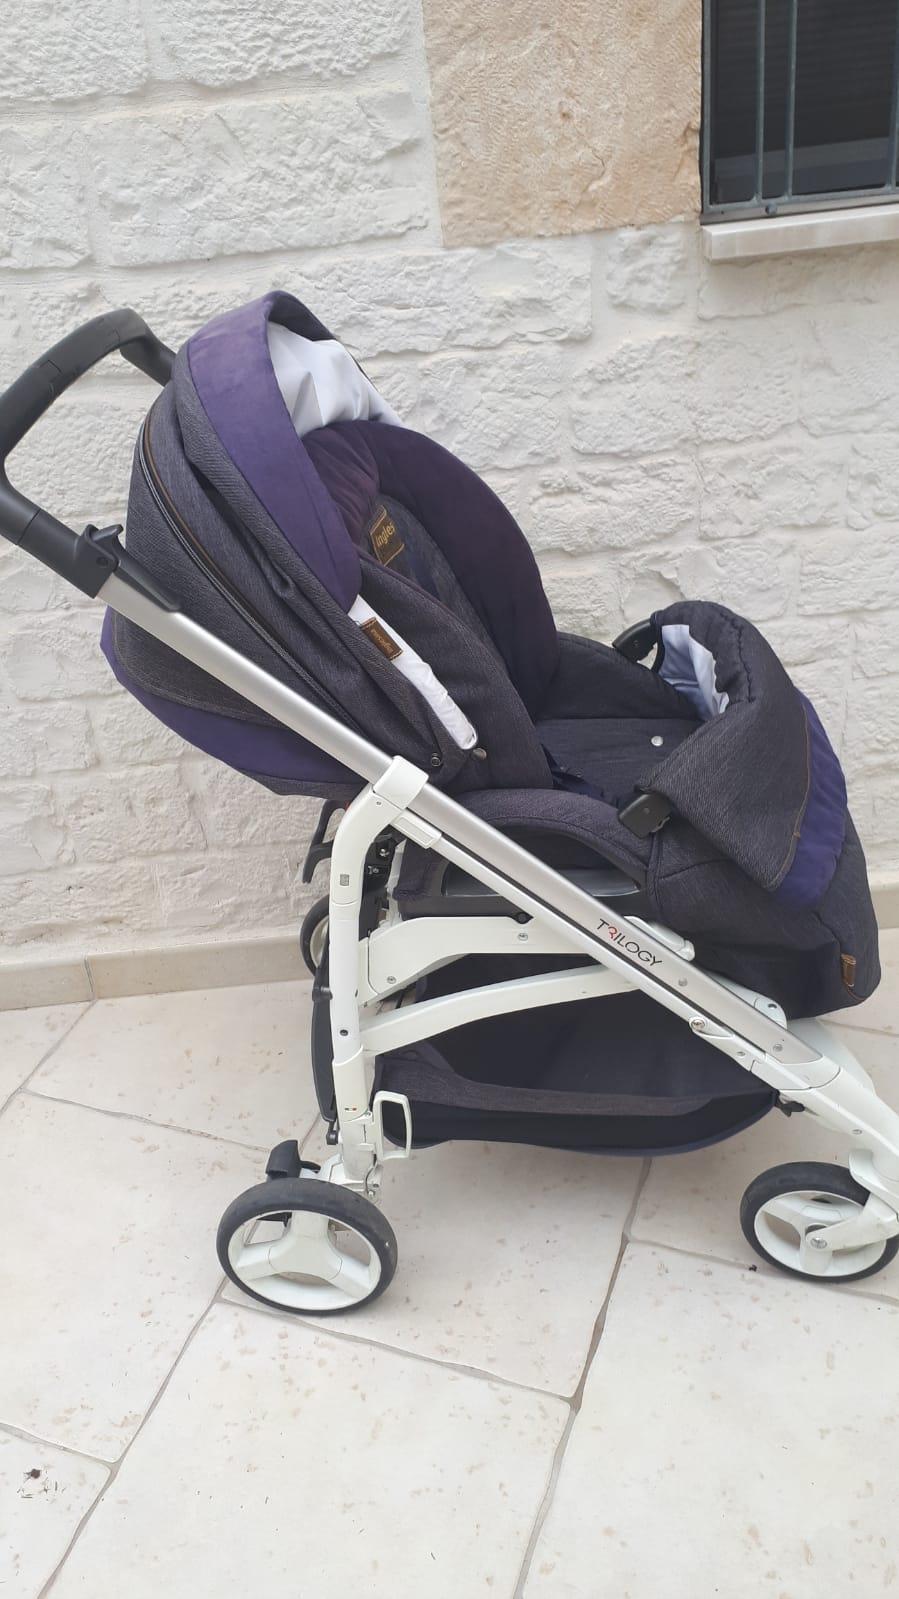 Rent stroller Putignano